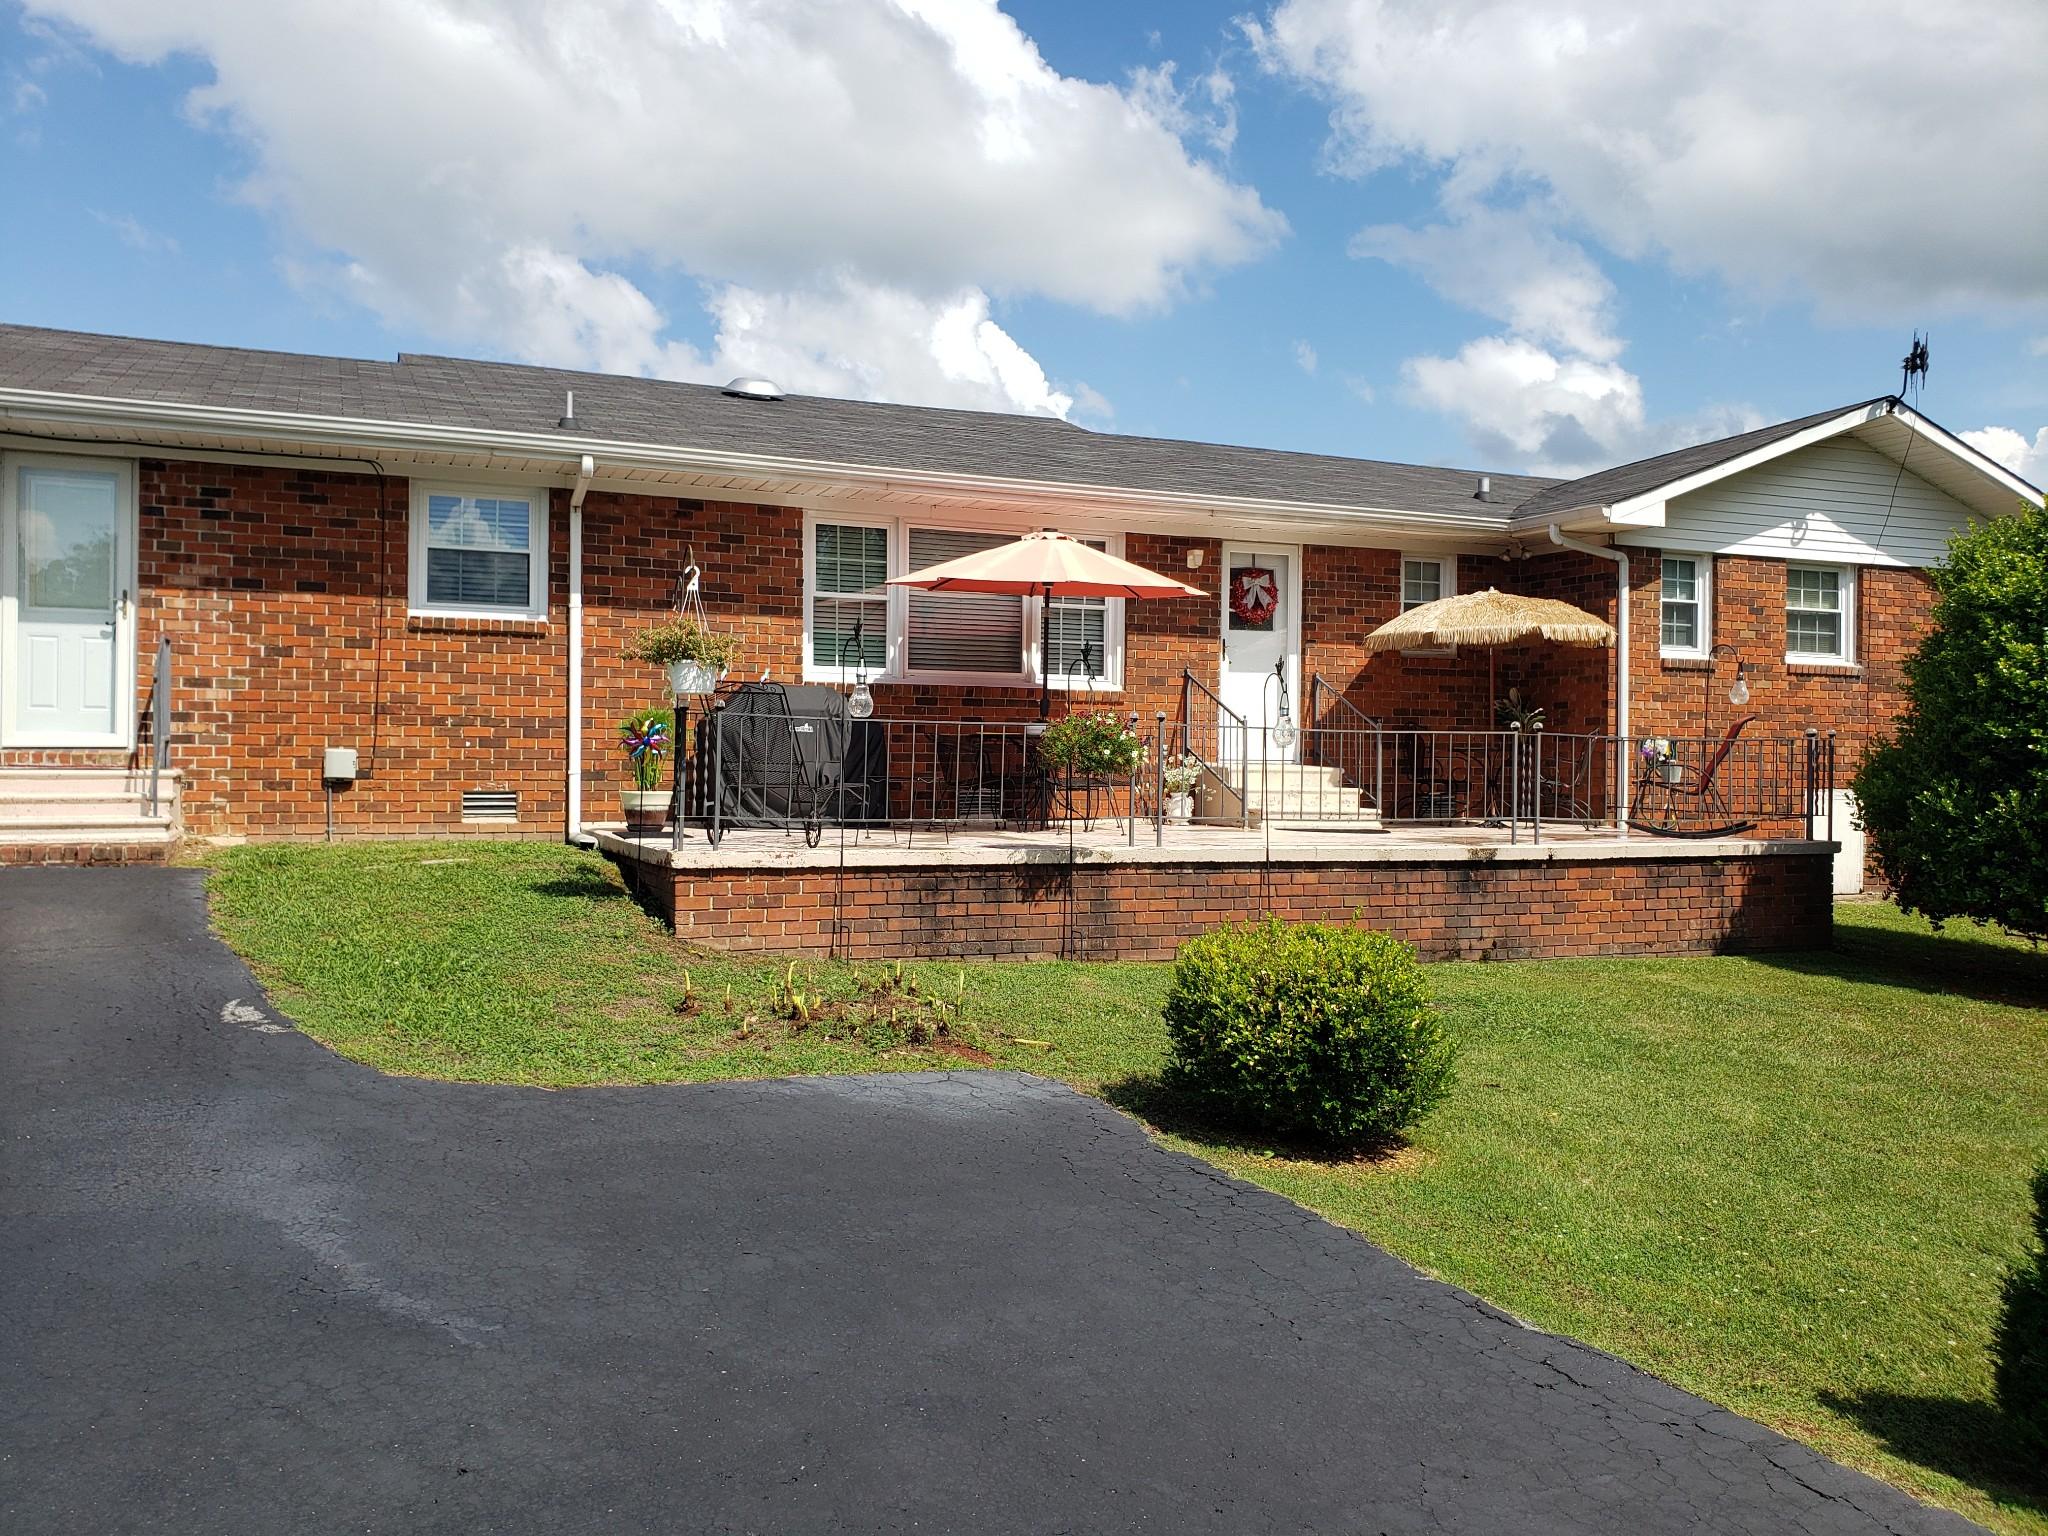 505 Kindel Dr Property Photo 14